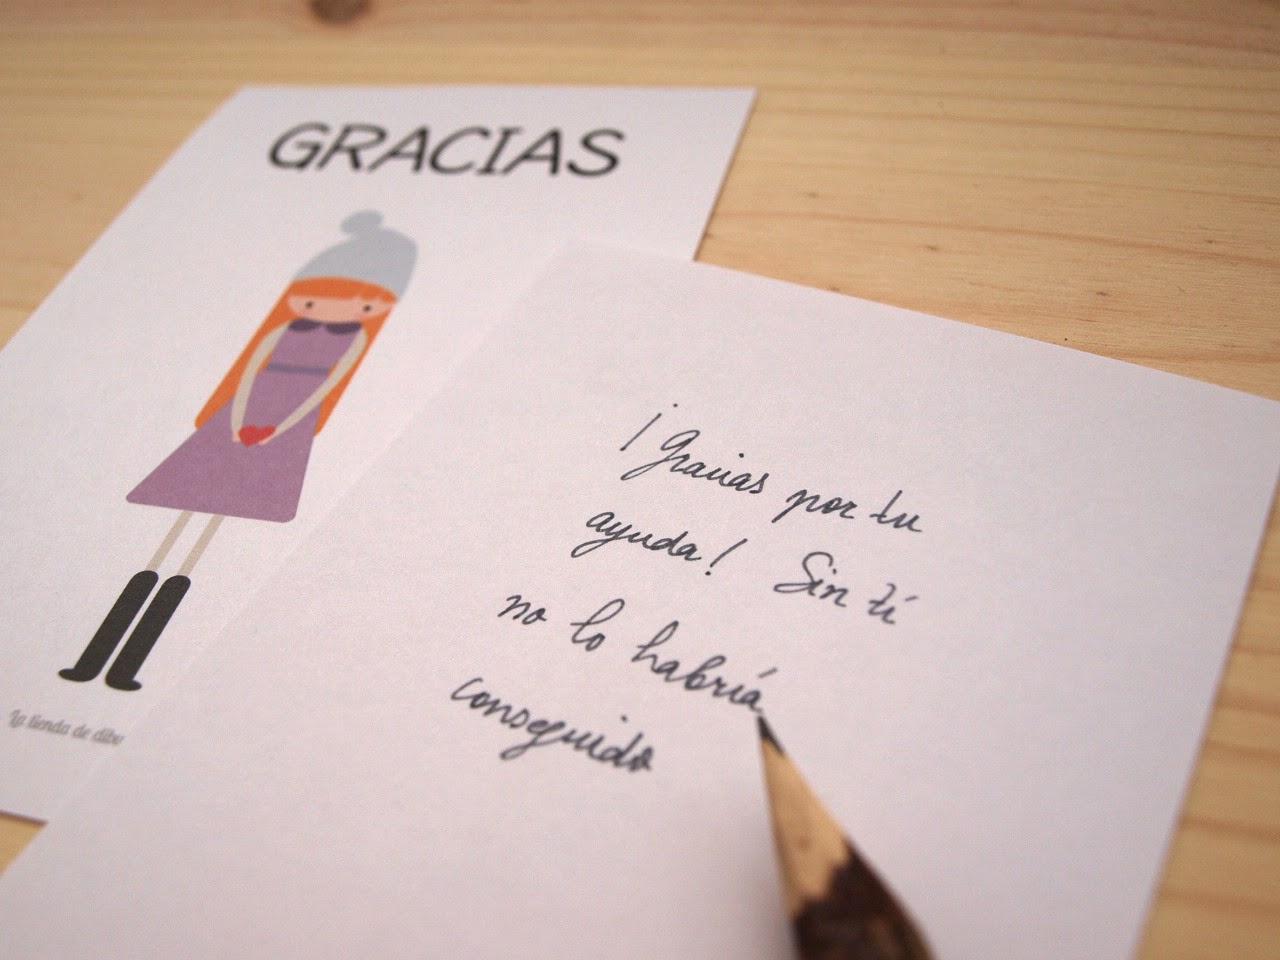 Pack 10 mini tarjetas con mensajitos